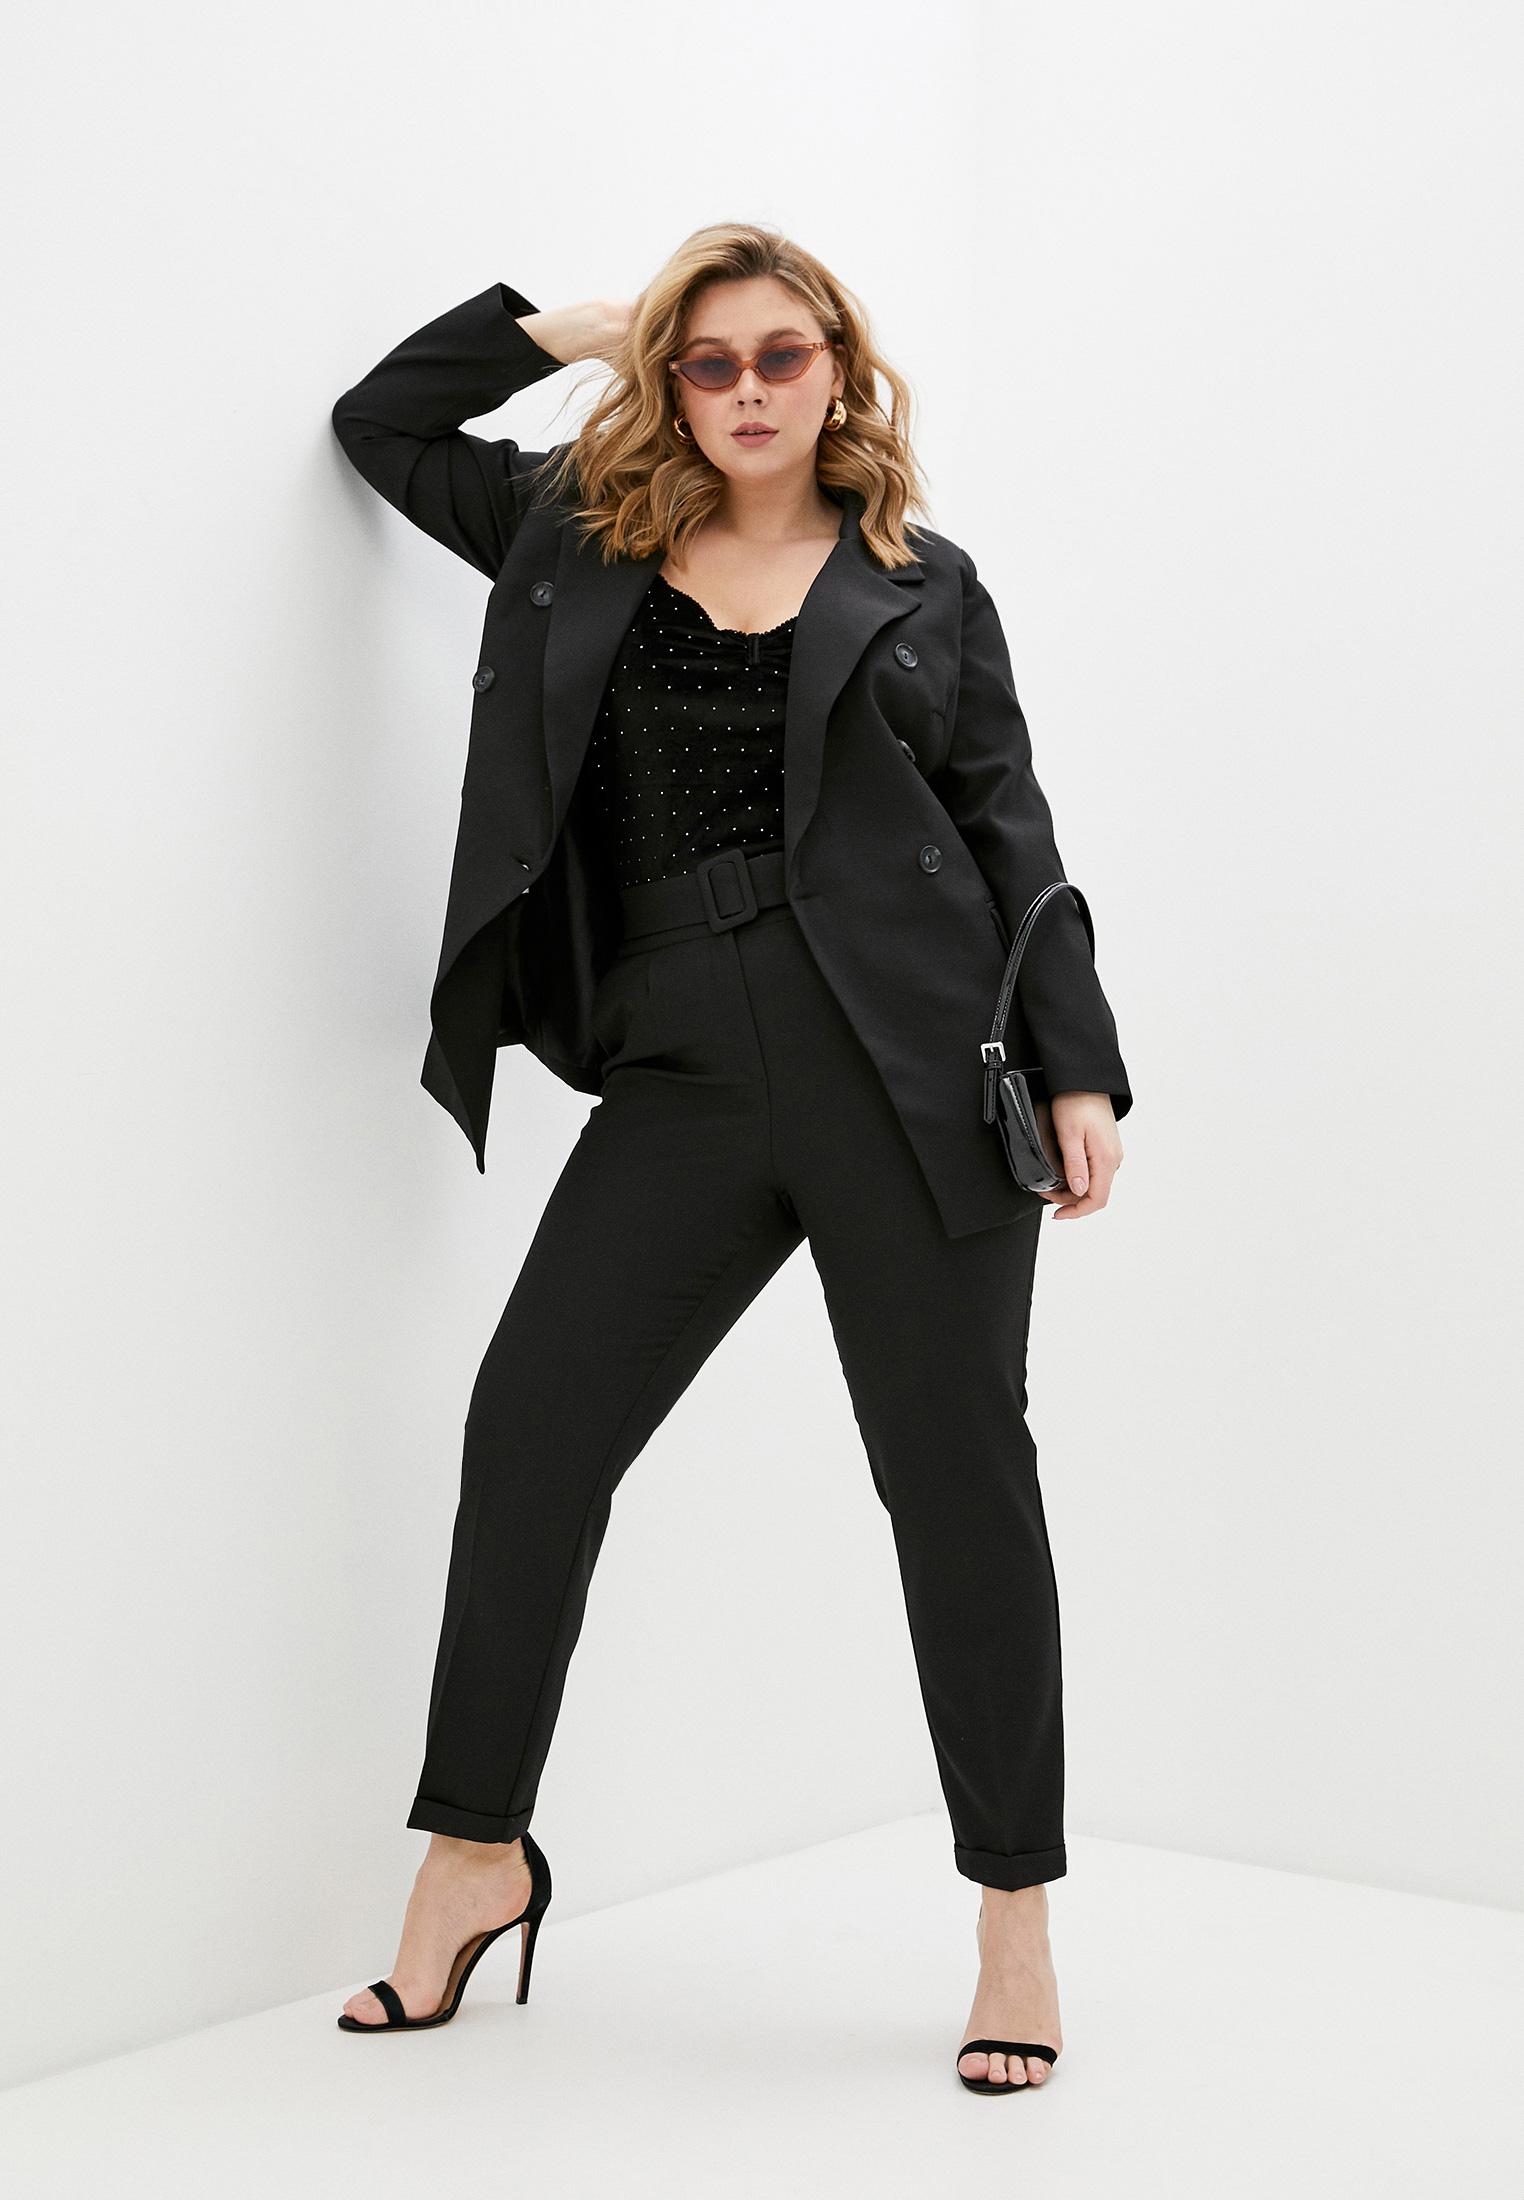 Костюм с брюками Chic de Femme Костюм Chic de Femme